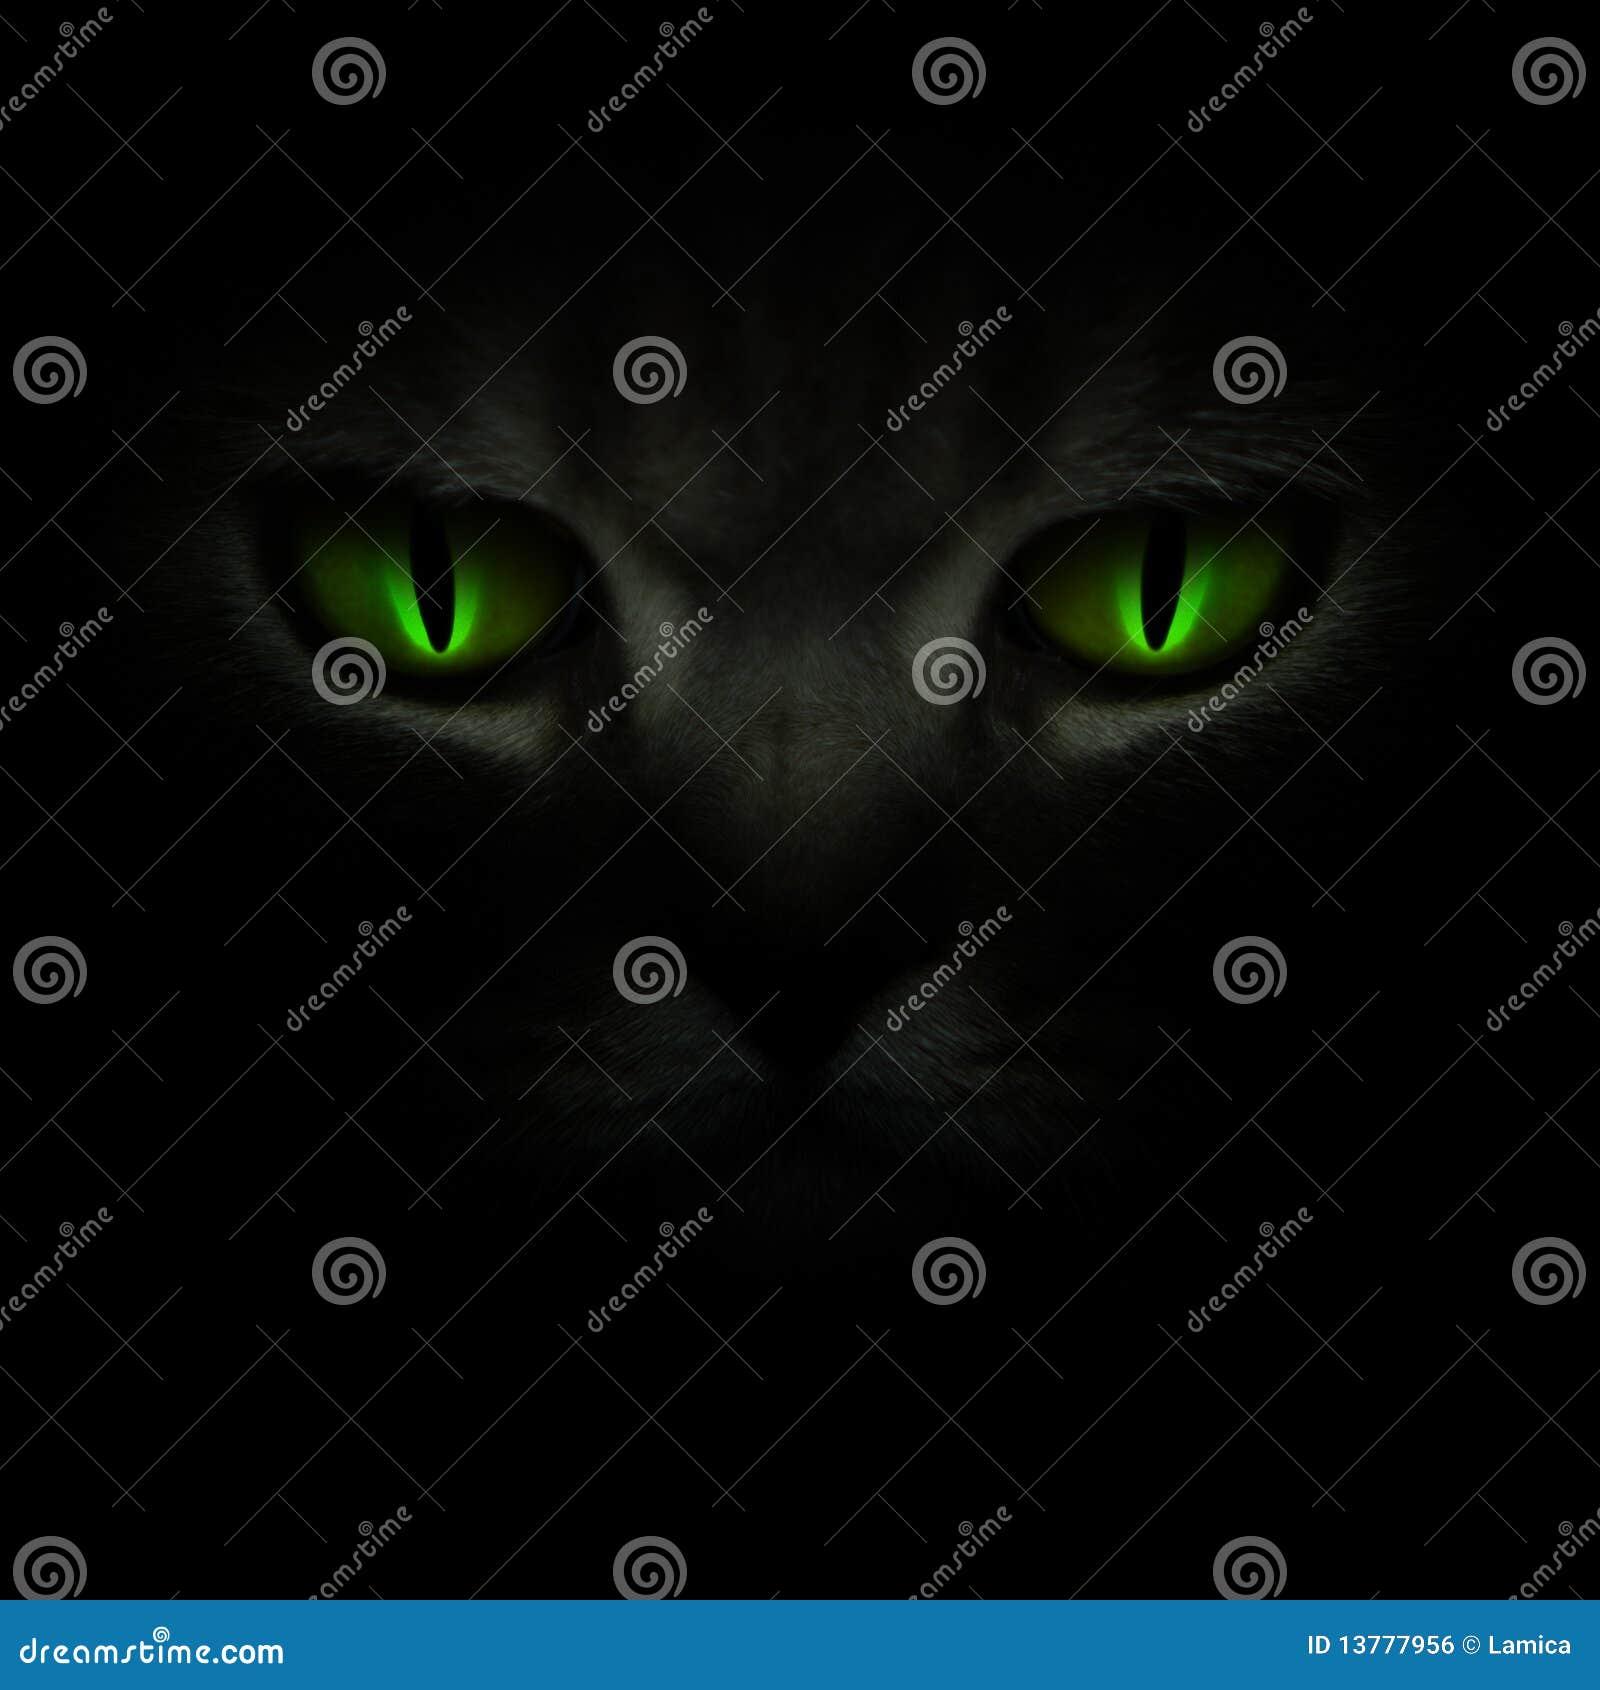 Kota ciemnych oczu rozjarzona zieleń s